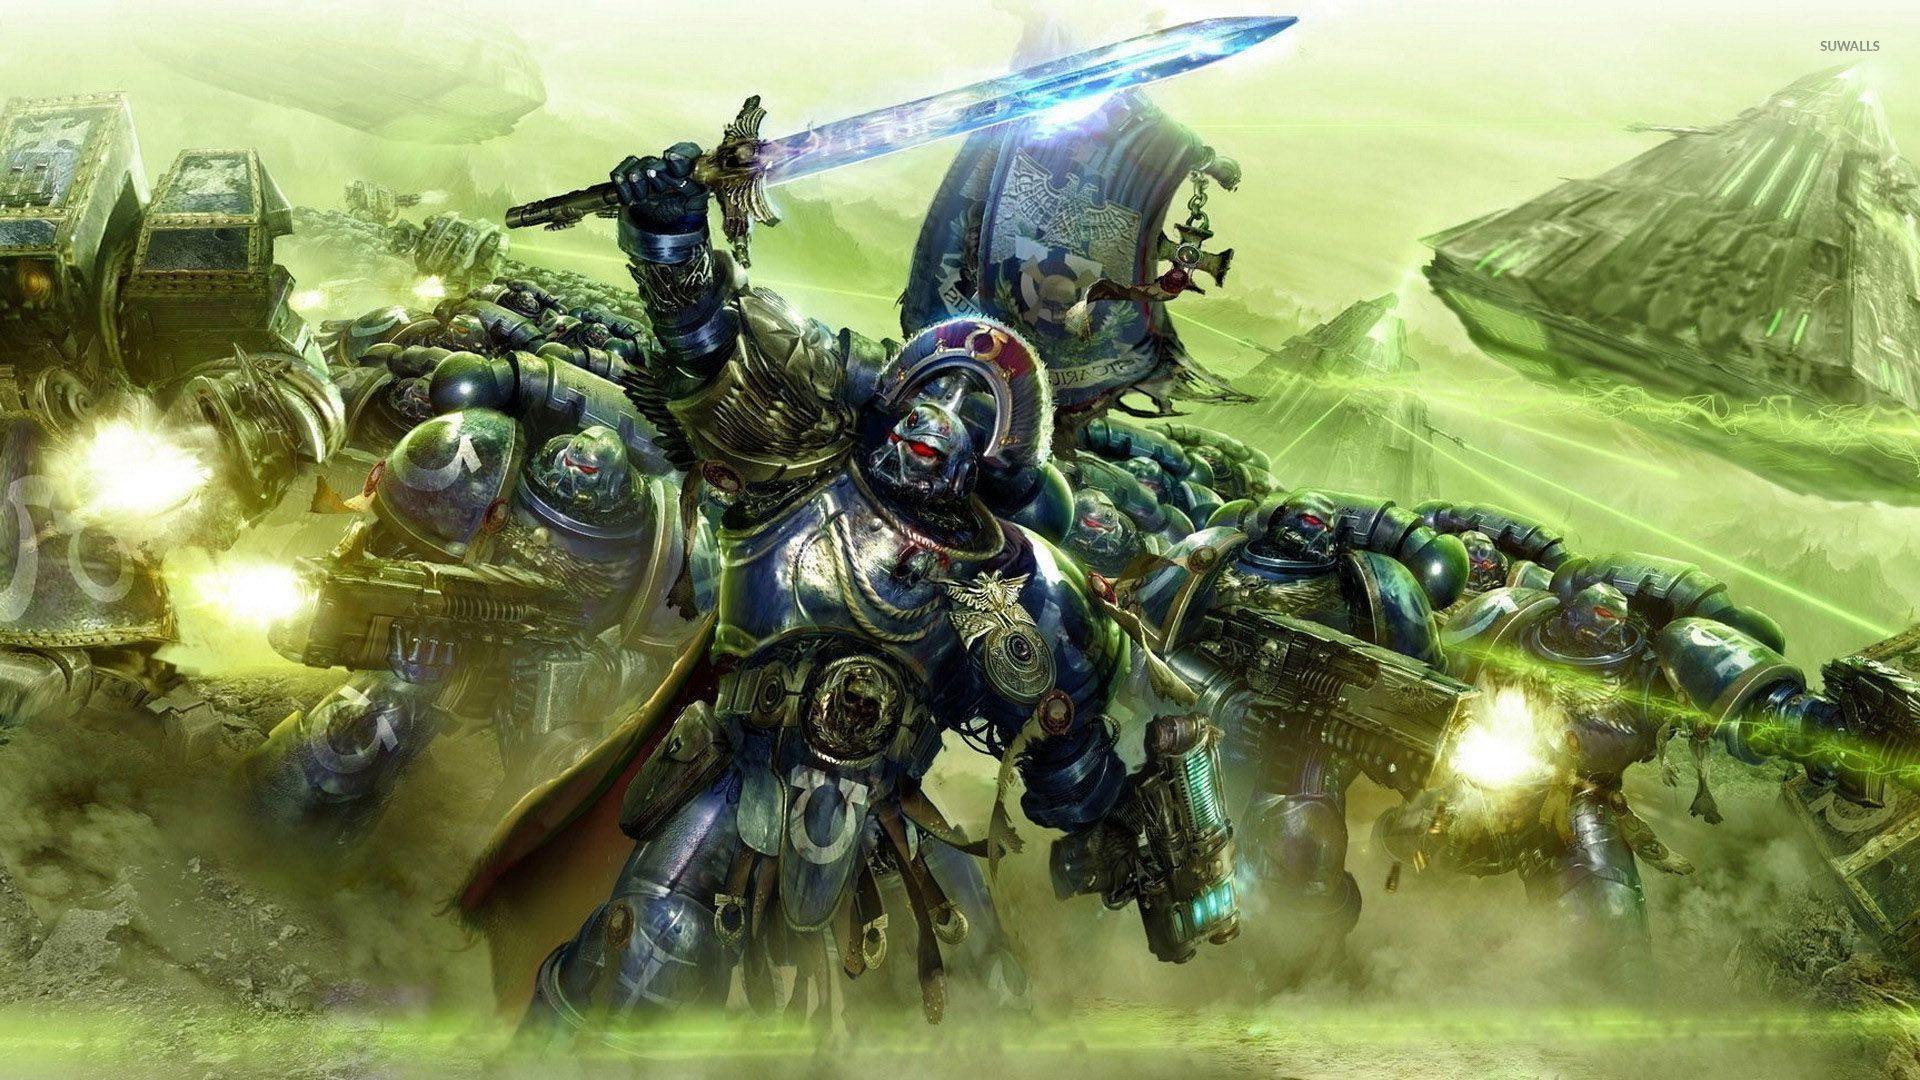 Res: 1920x1080, Ultramarines - Warhammer 40,000 wallpaper  jpg